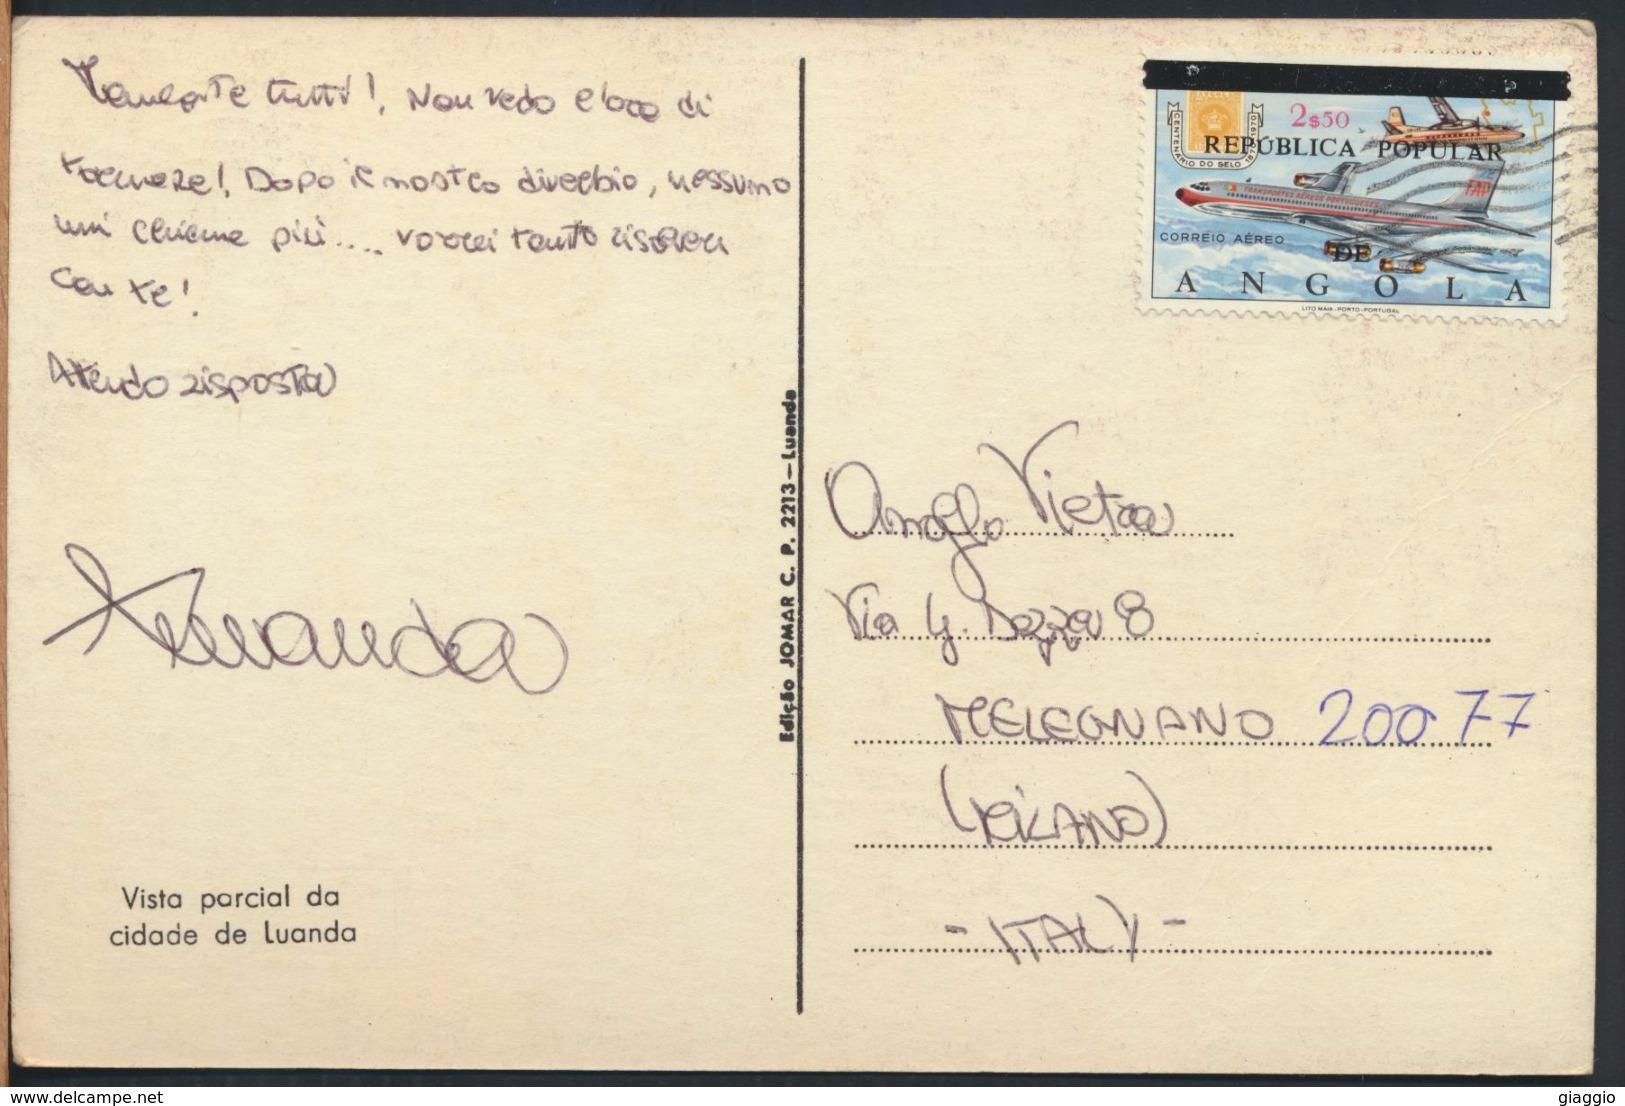 °°° 4284 - ANGOLA - VISTA PARCIAL DE CIDADE DE LUANDA - With Stamps °°° - Angola